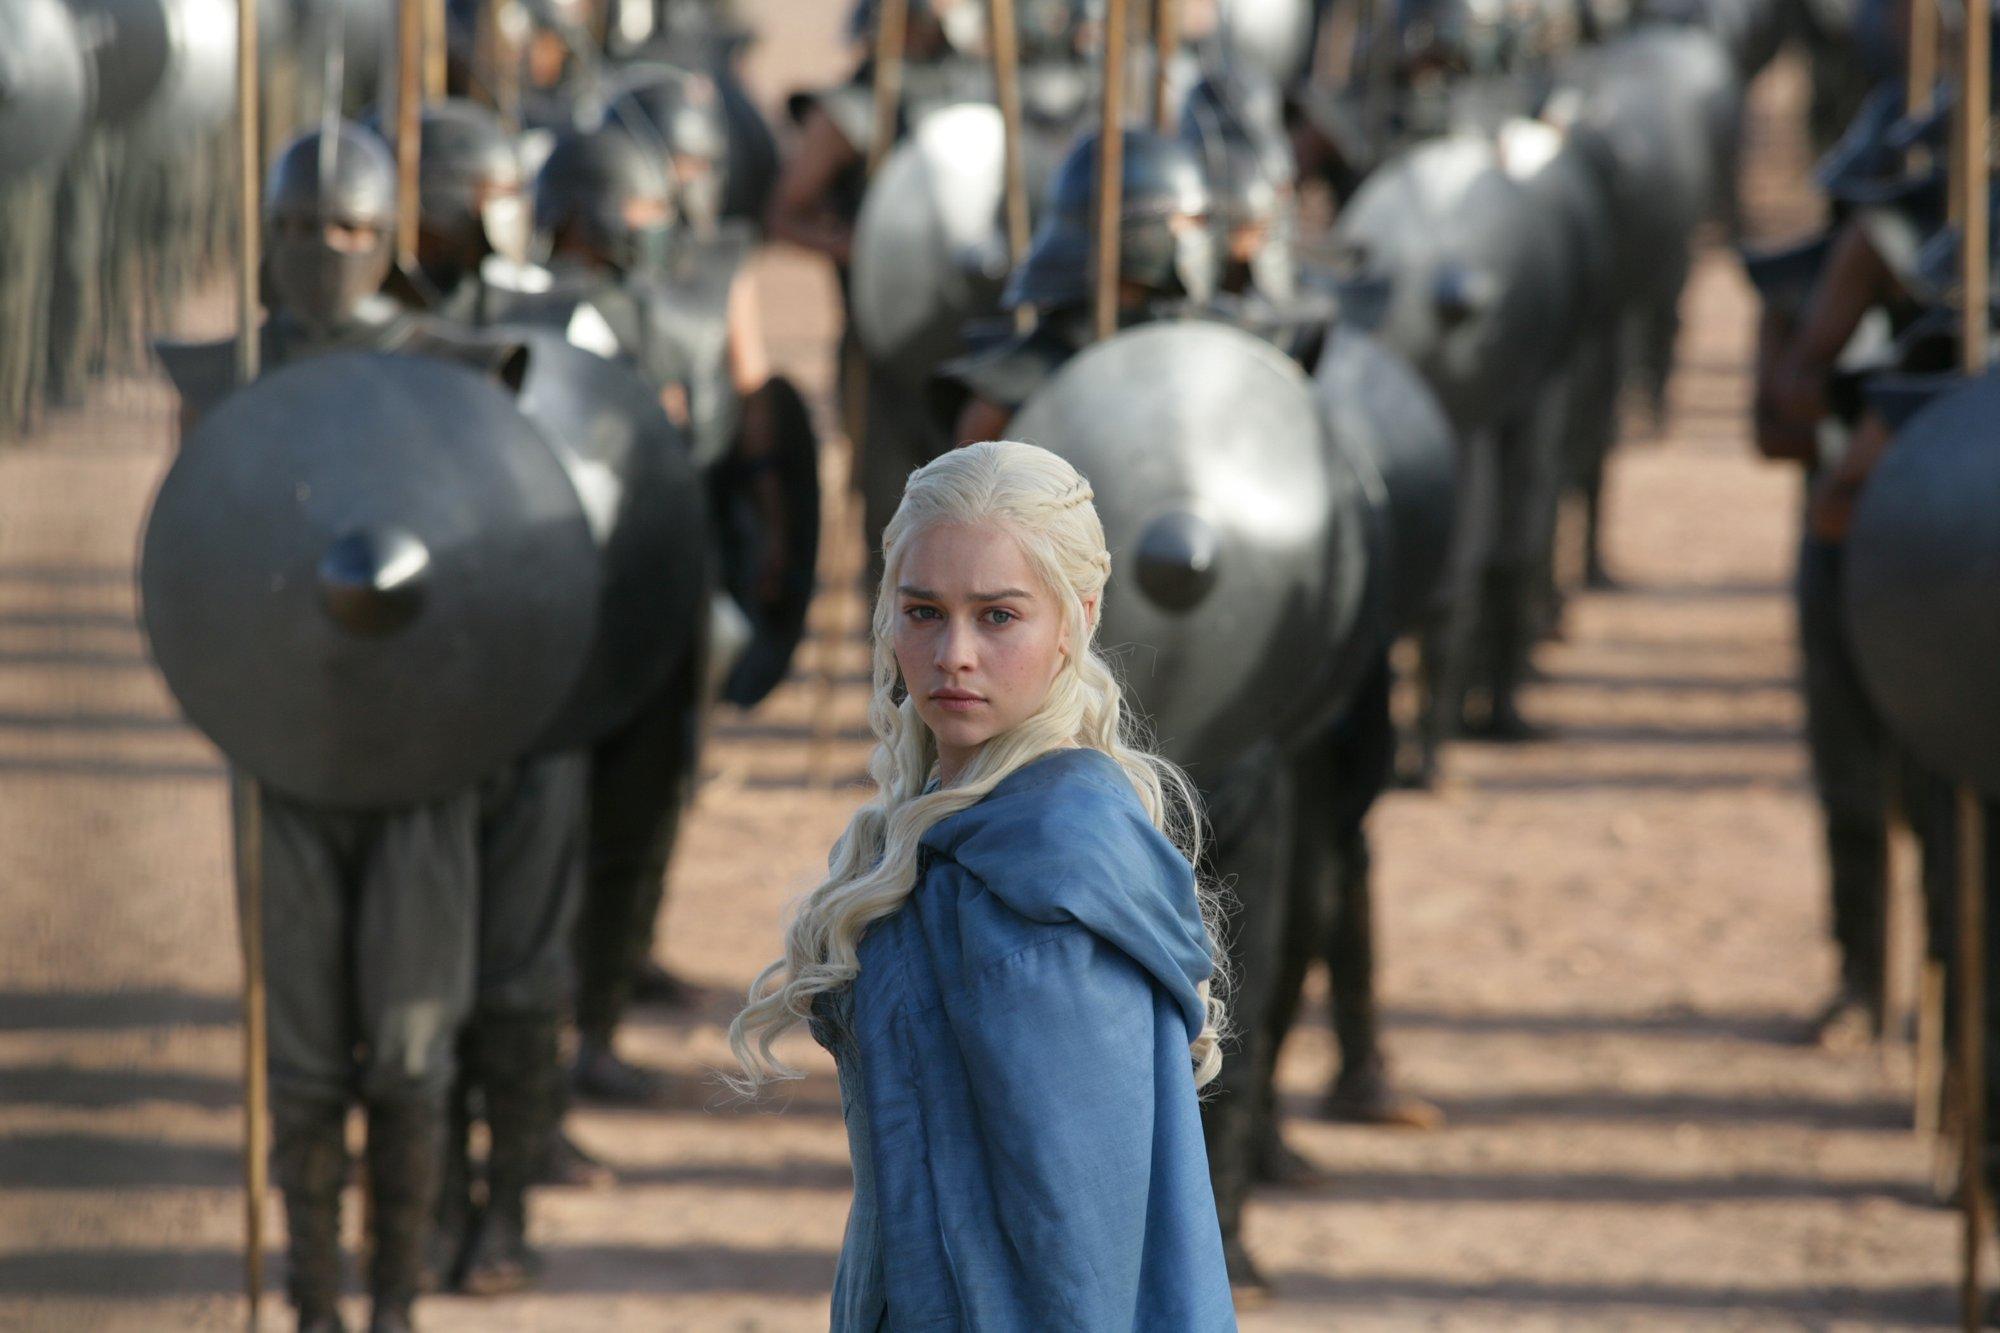 Game of Thrones_1555925952378.jpeg-873774424.jpg